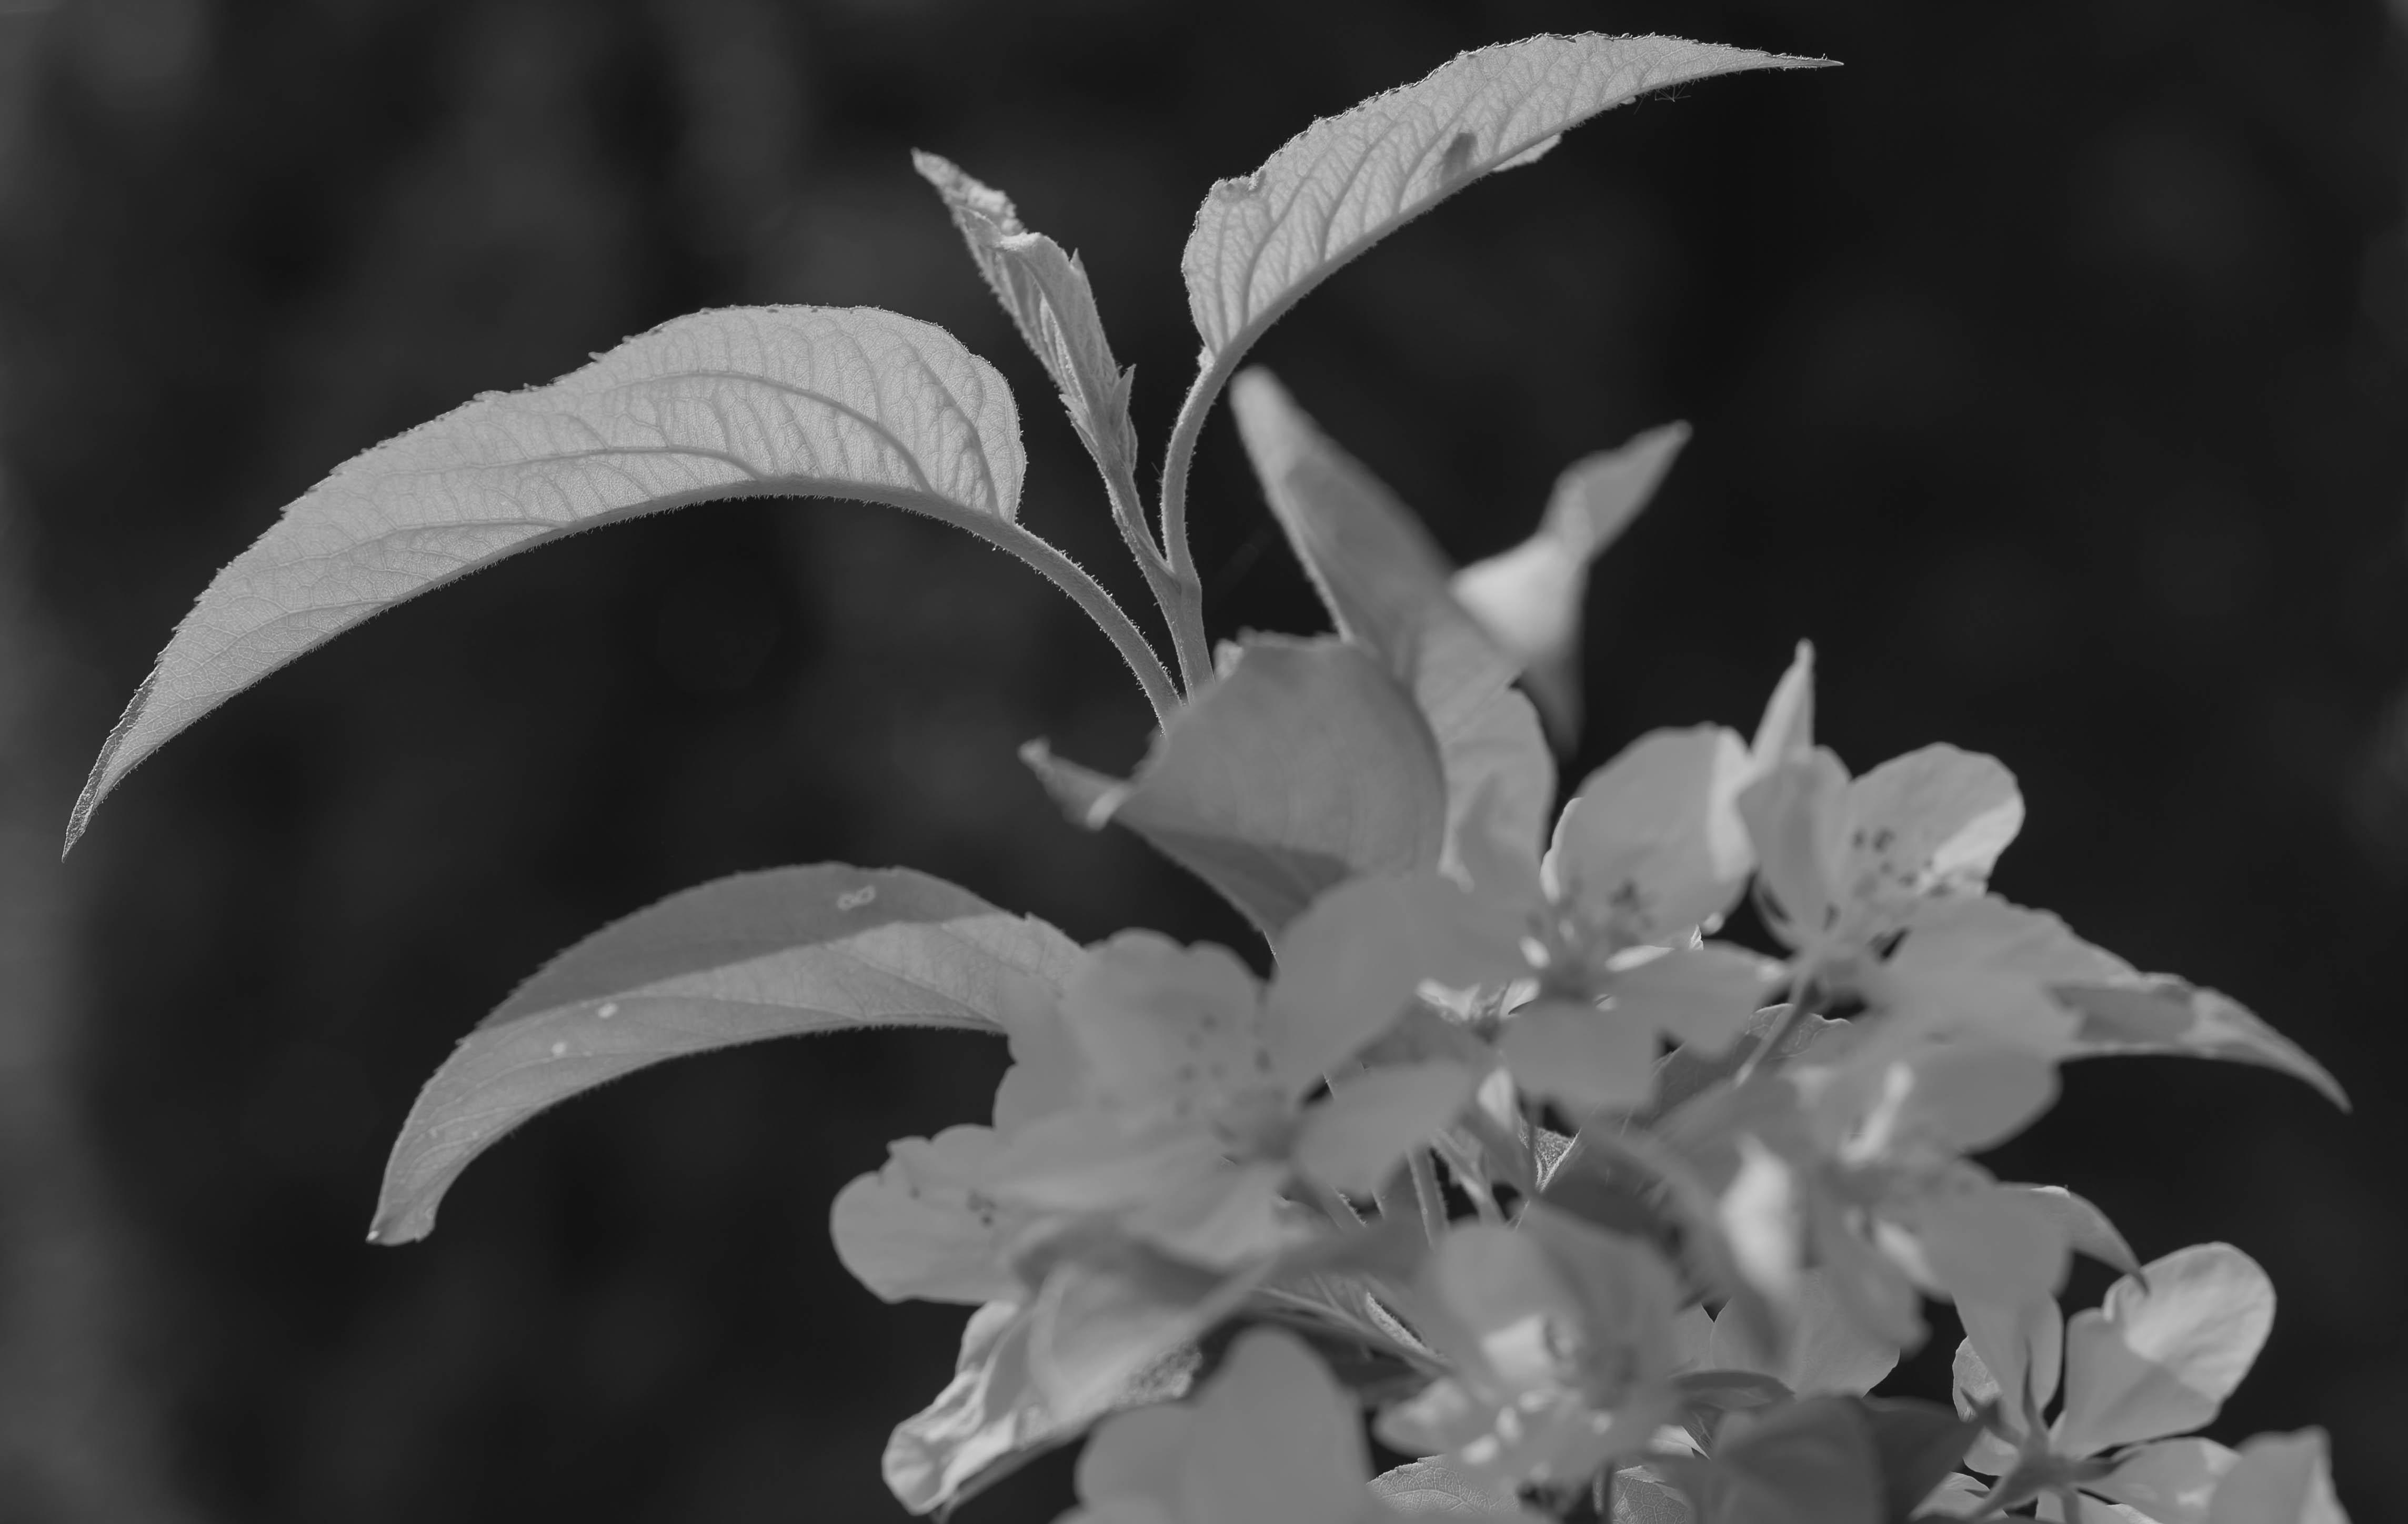 Apfelbluete, Apfelbaum, Malus